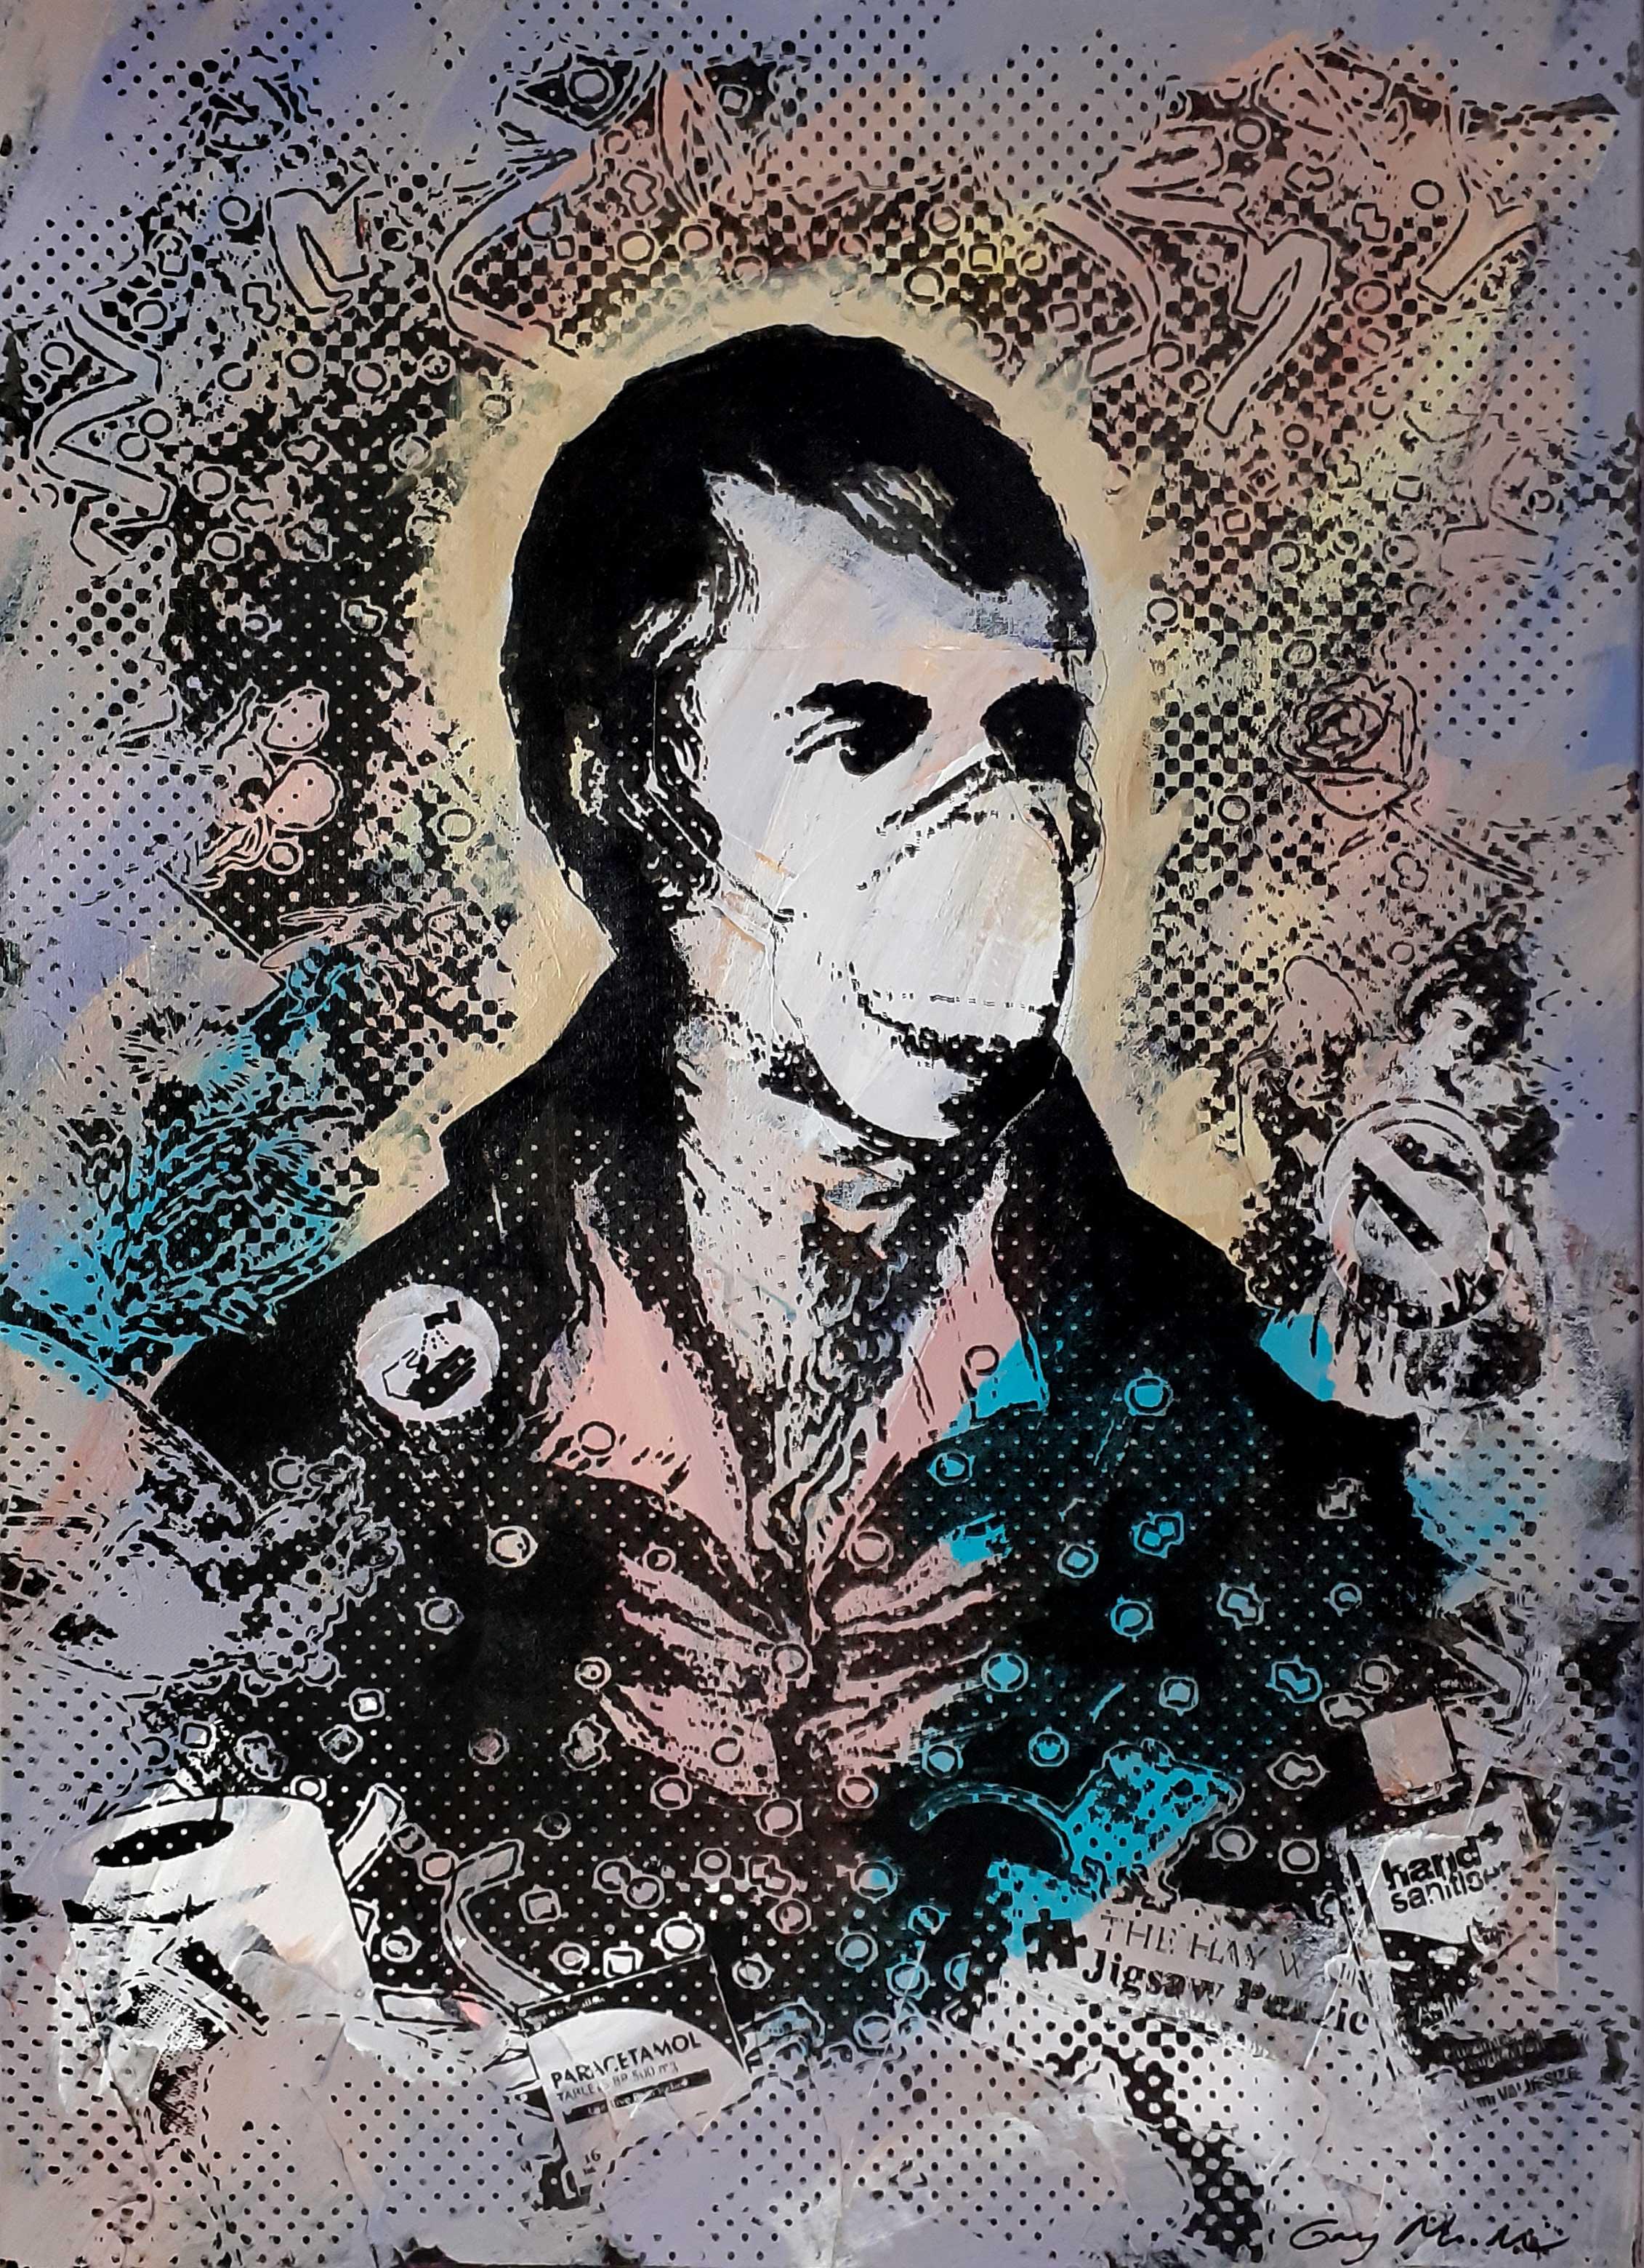 Portrait of Robert Burns - Lockdown3